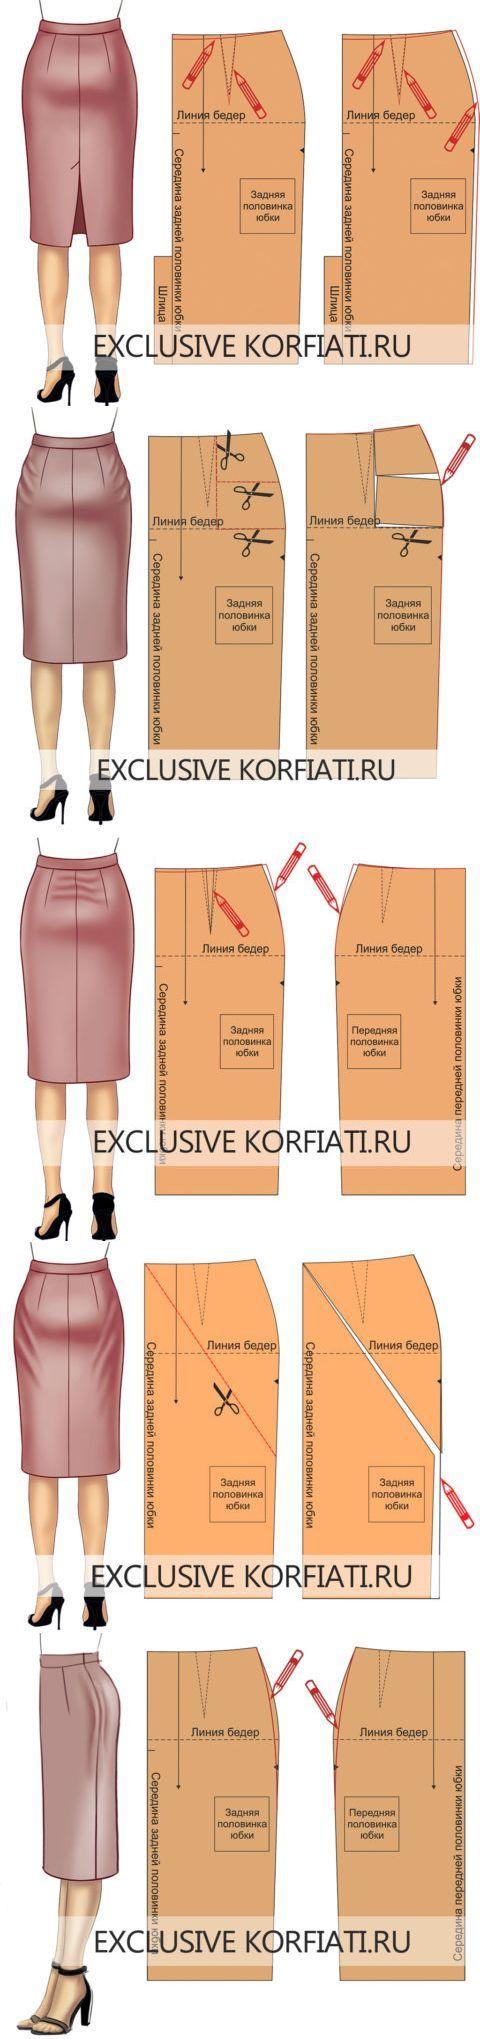 Шьем и моделируем | sewings | Pinterest | Correccion, Falda y Costura